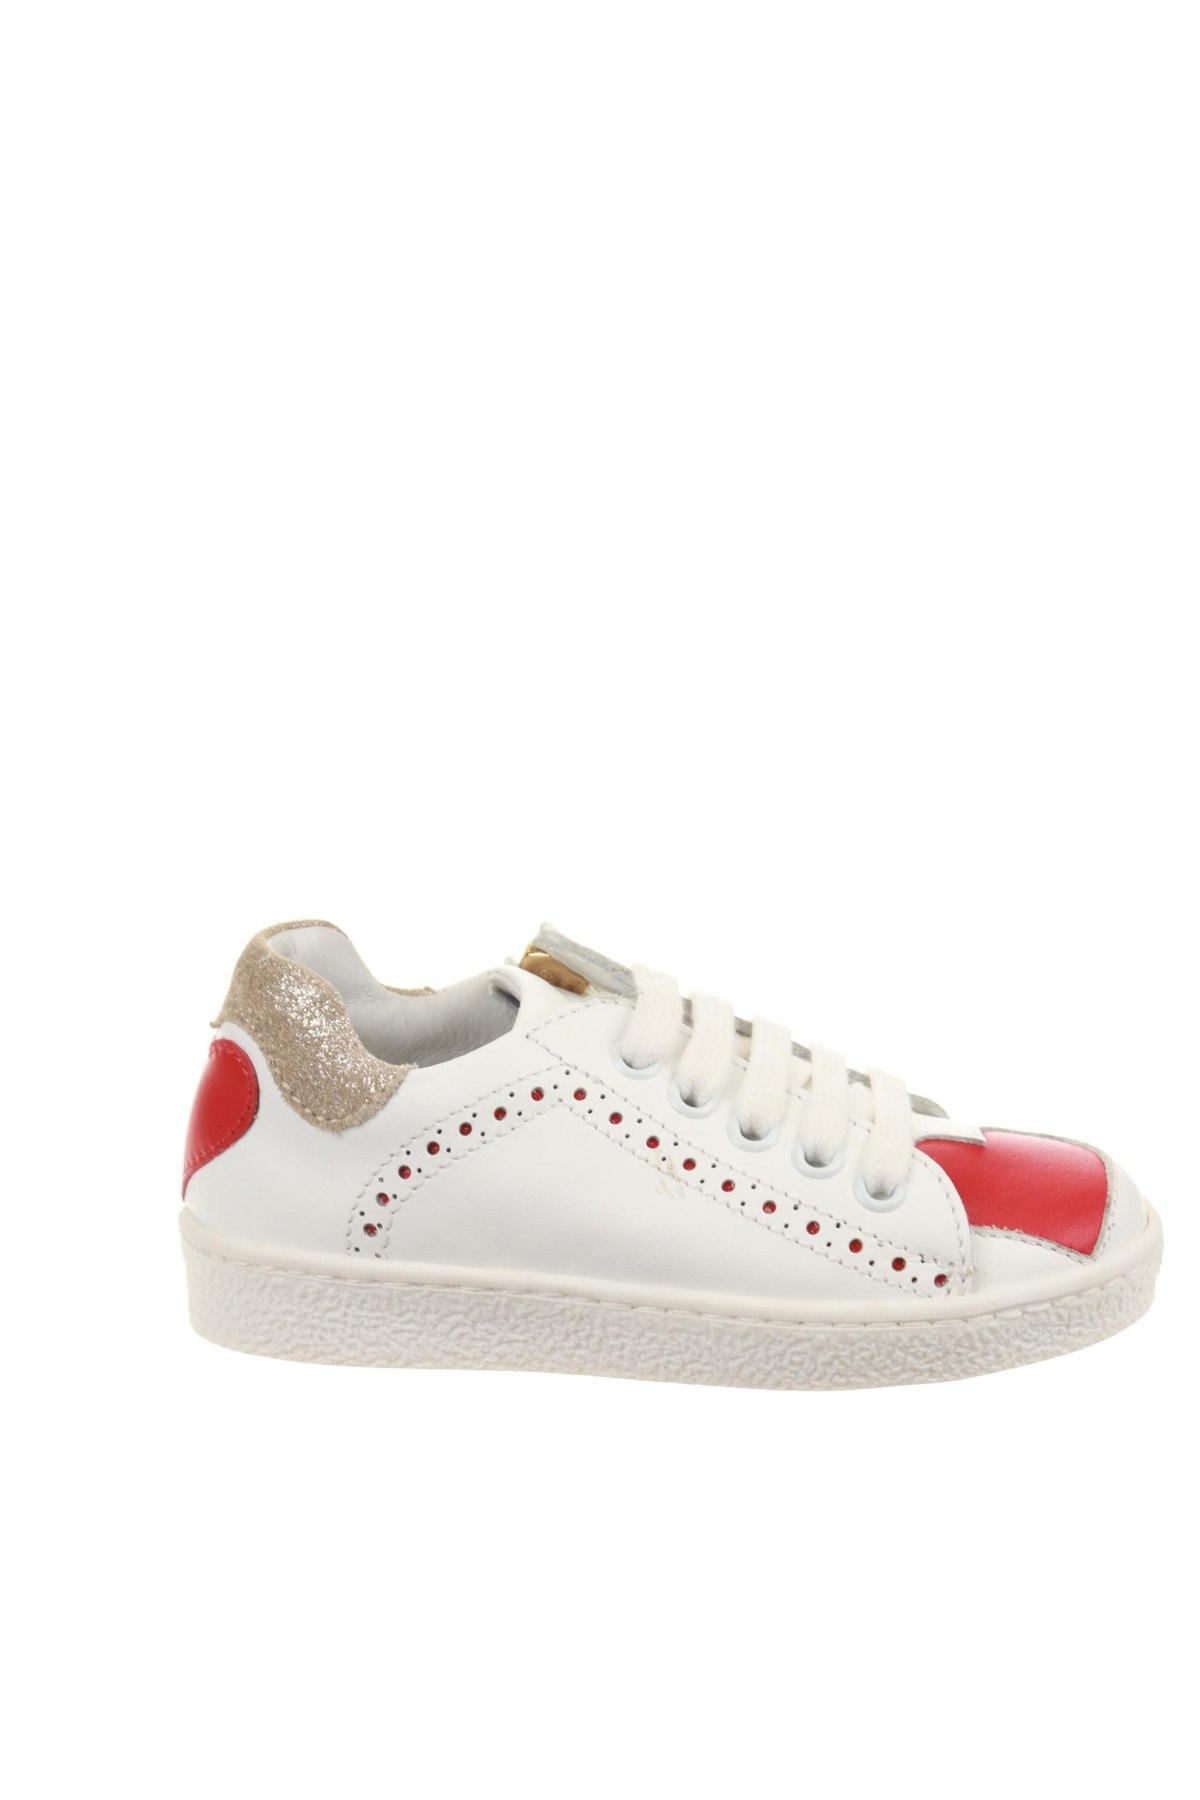 Παιδικά παπούτσια TWINSET, Μέγεθος 24, Χρώμα Λευκό, Γνήσιο δέρμα, φυσικό σουέτ, Τιμή 35,83€